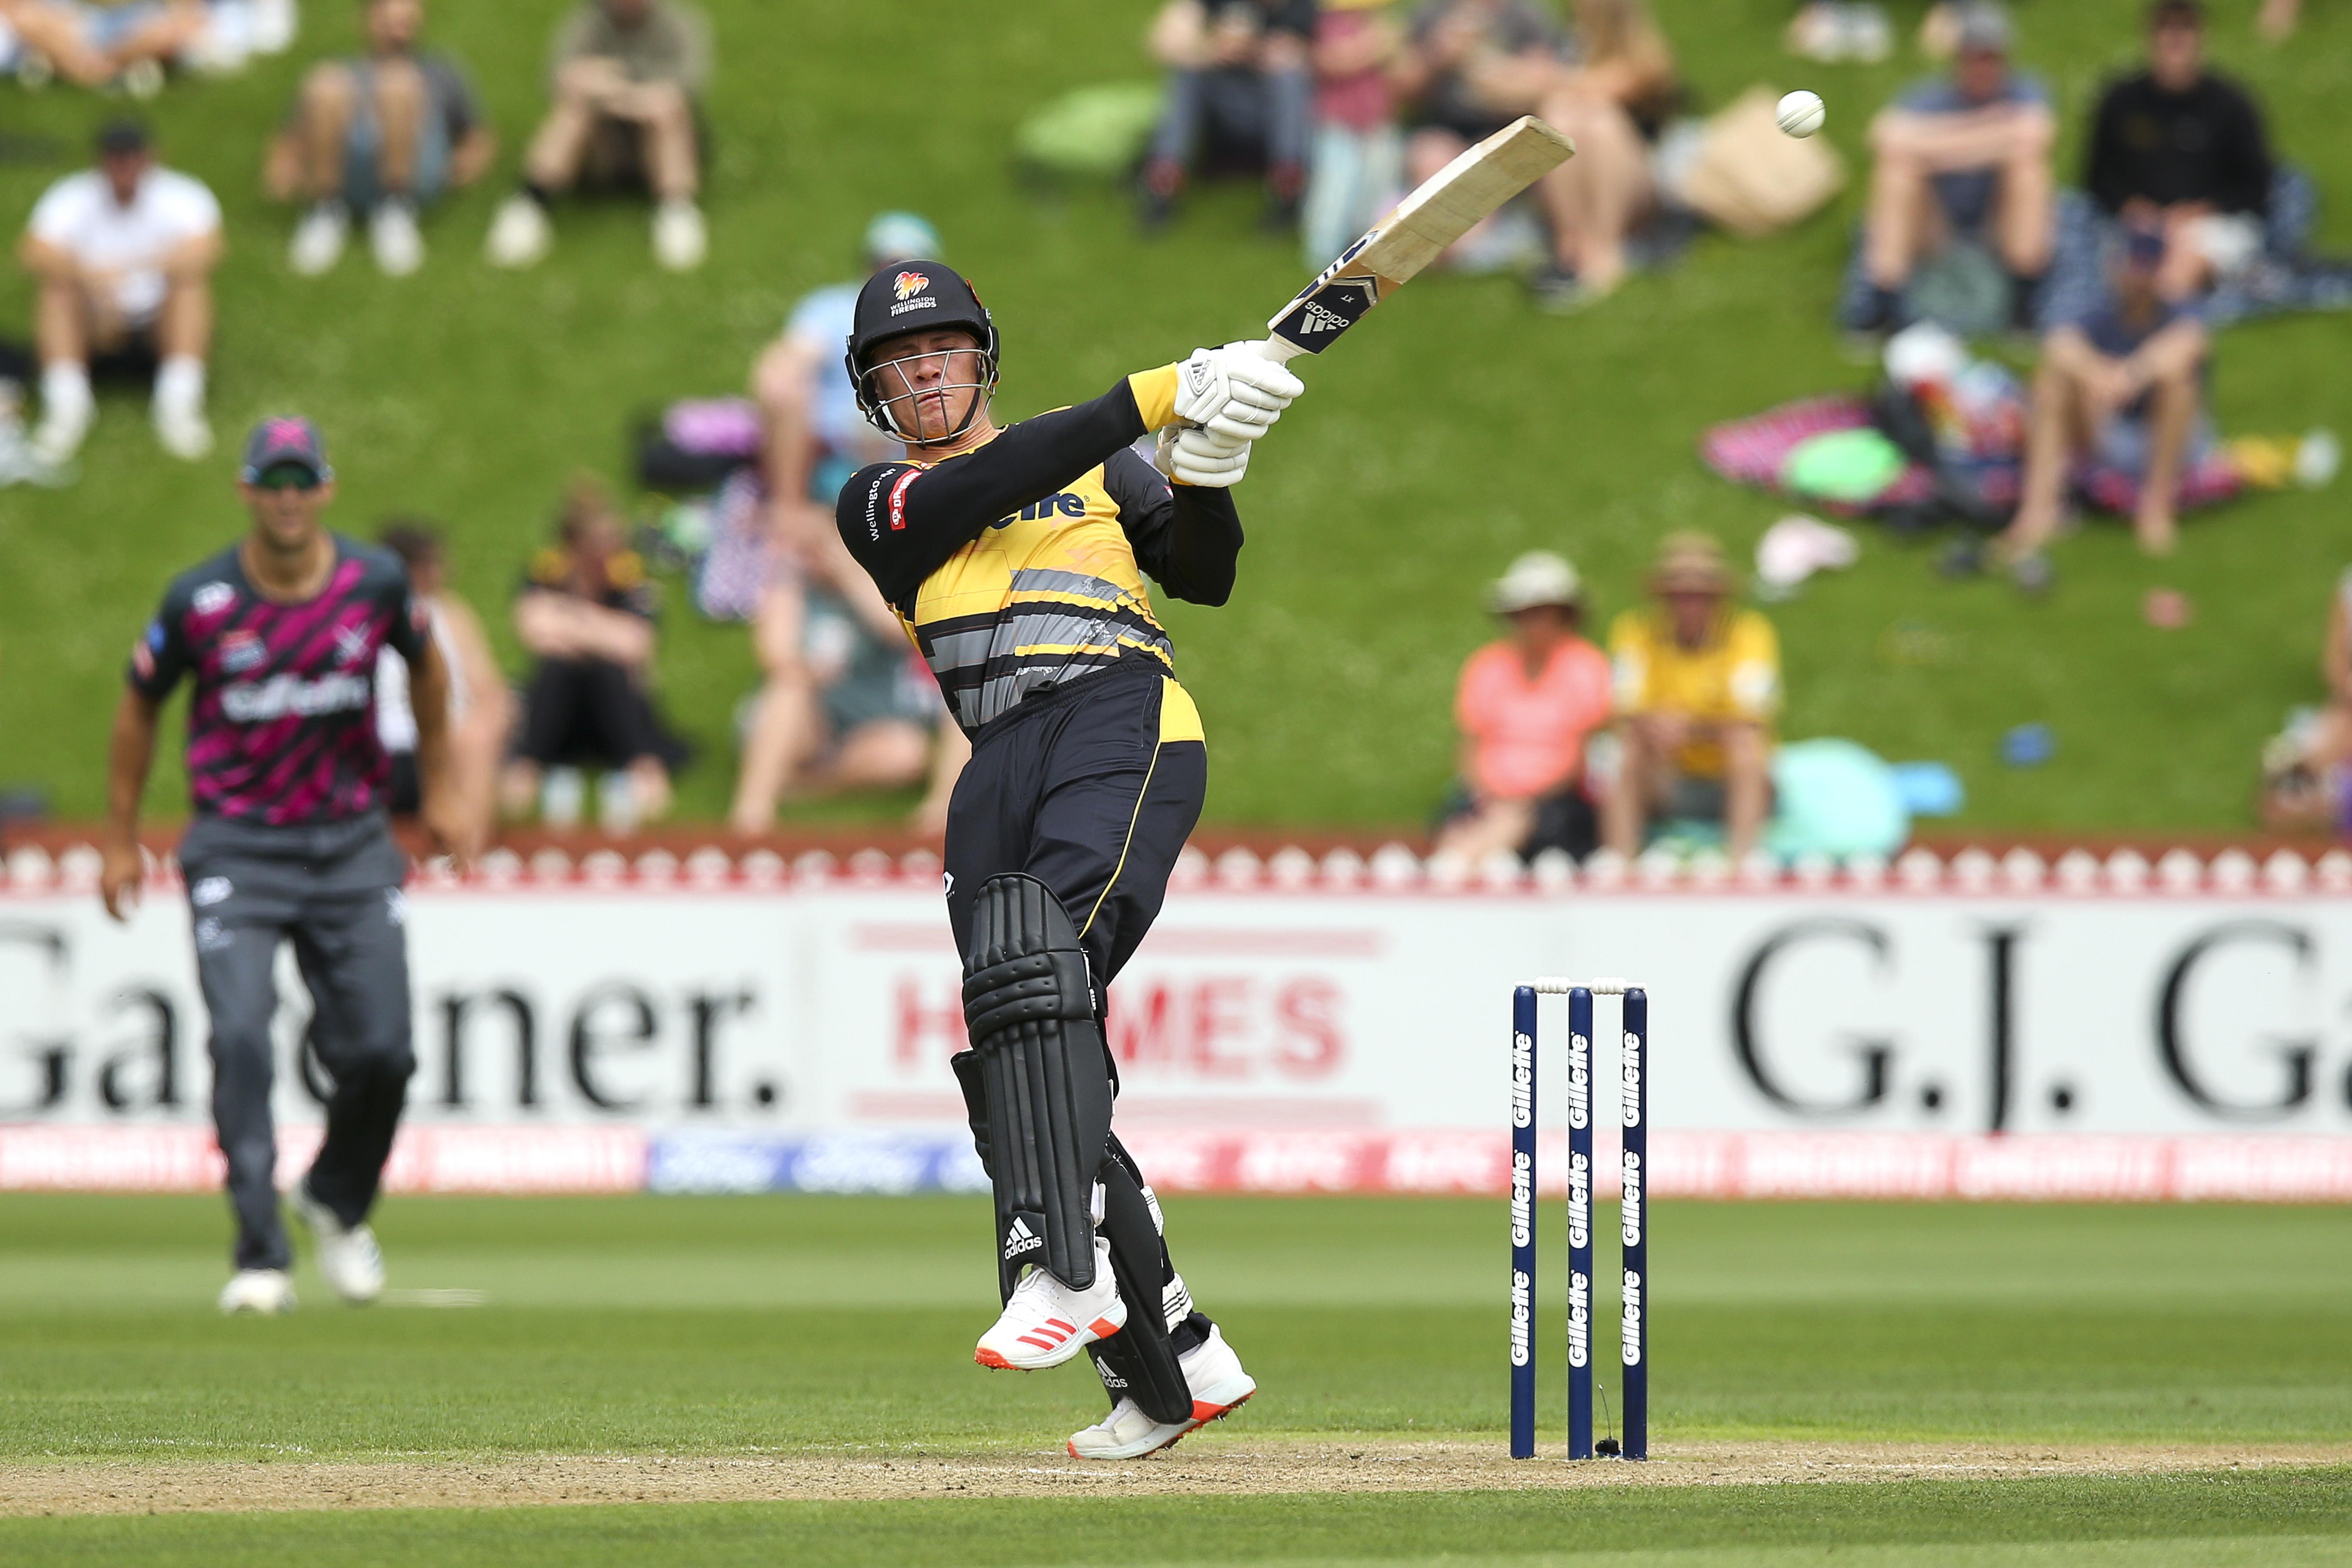 Young gun gets first New Zealand call-up as speed demons return - International Cricket Council